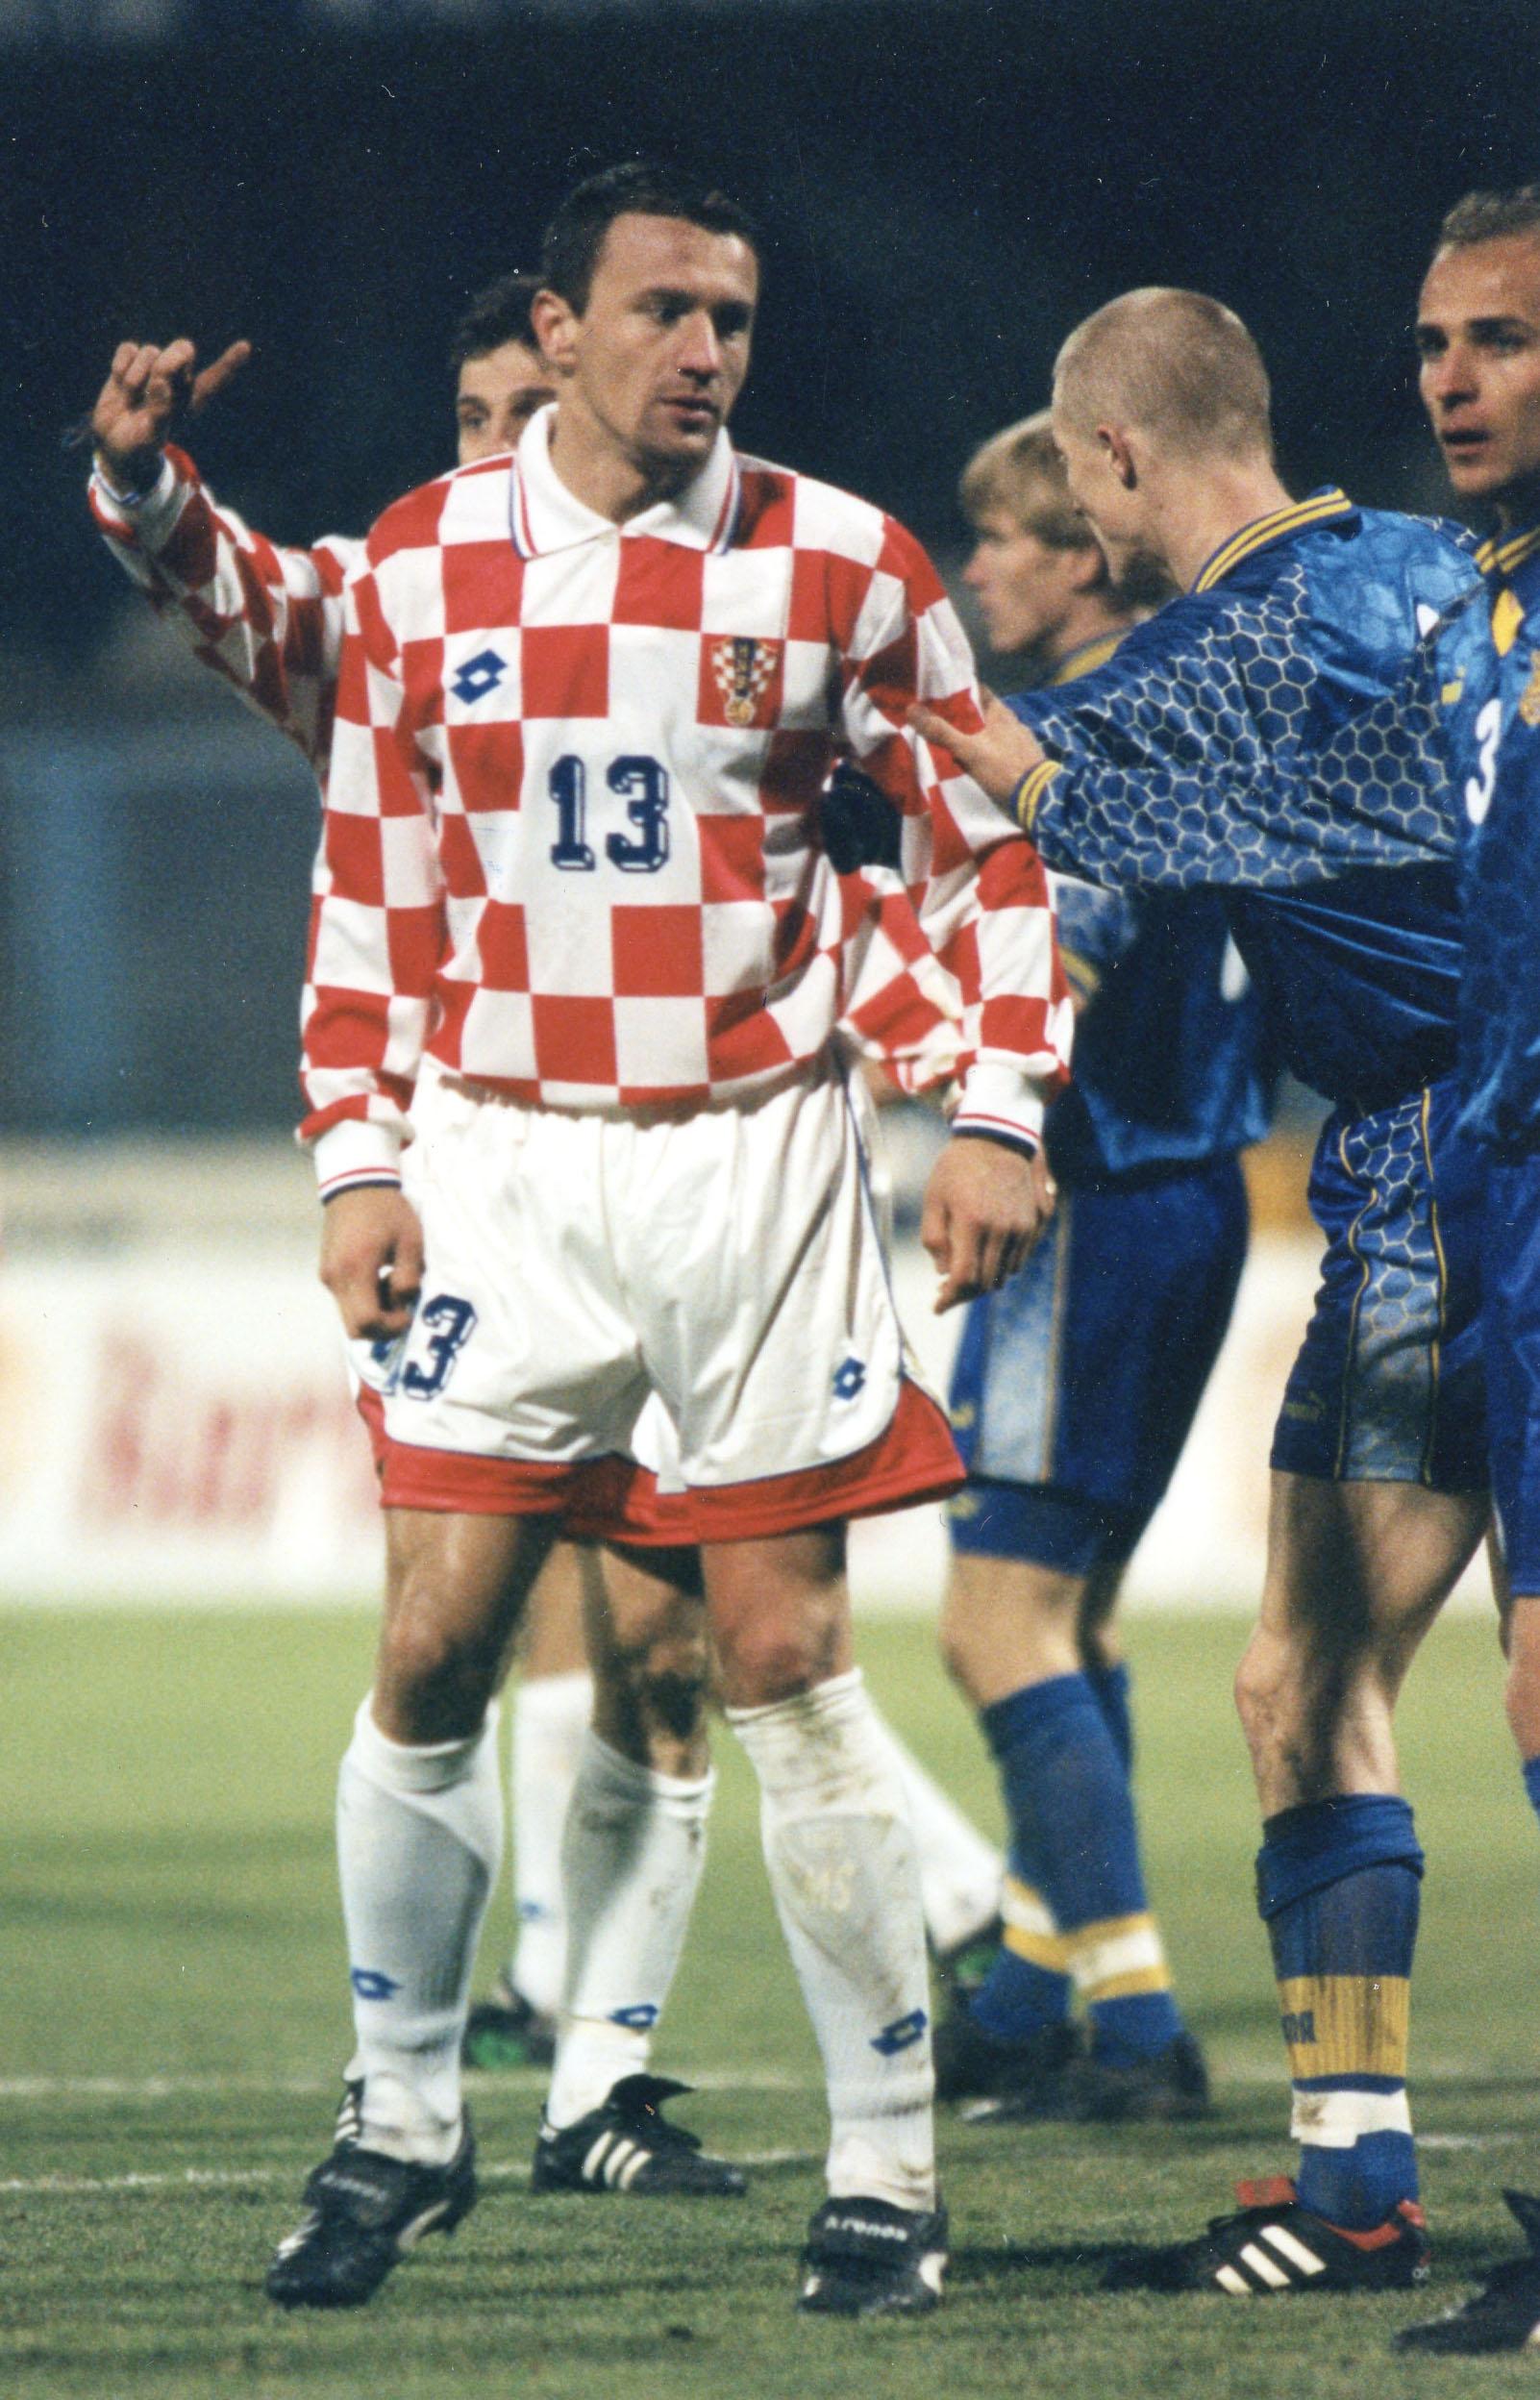 Zagreb, 29.10.1997. Utakmica doigravanja za SP 1998.  Hrvatska - Ukrajina 2:0  Mario Stanic/Staniæ   snimio: R. Valai